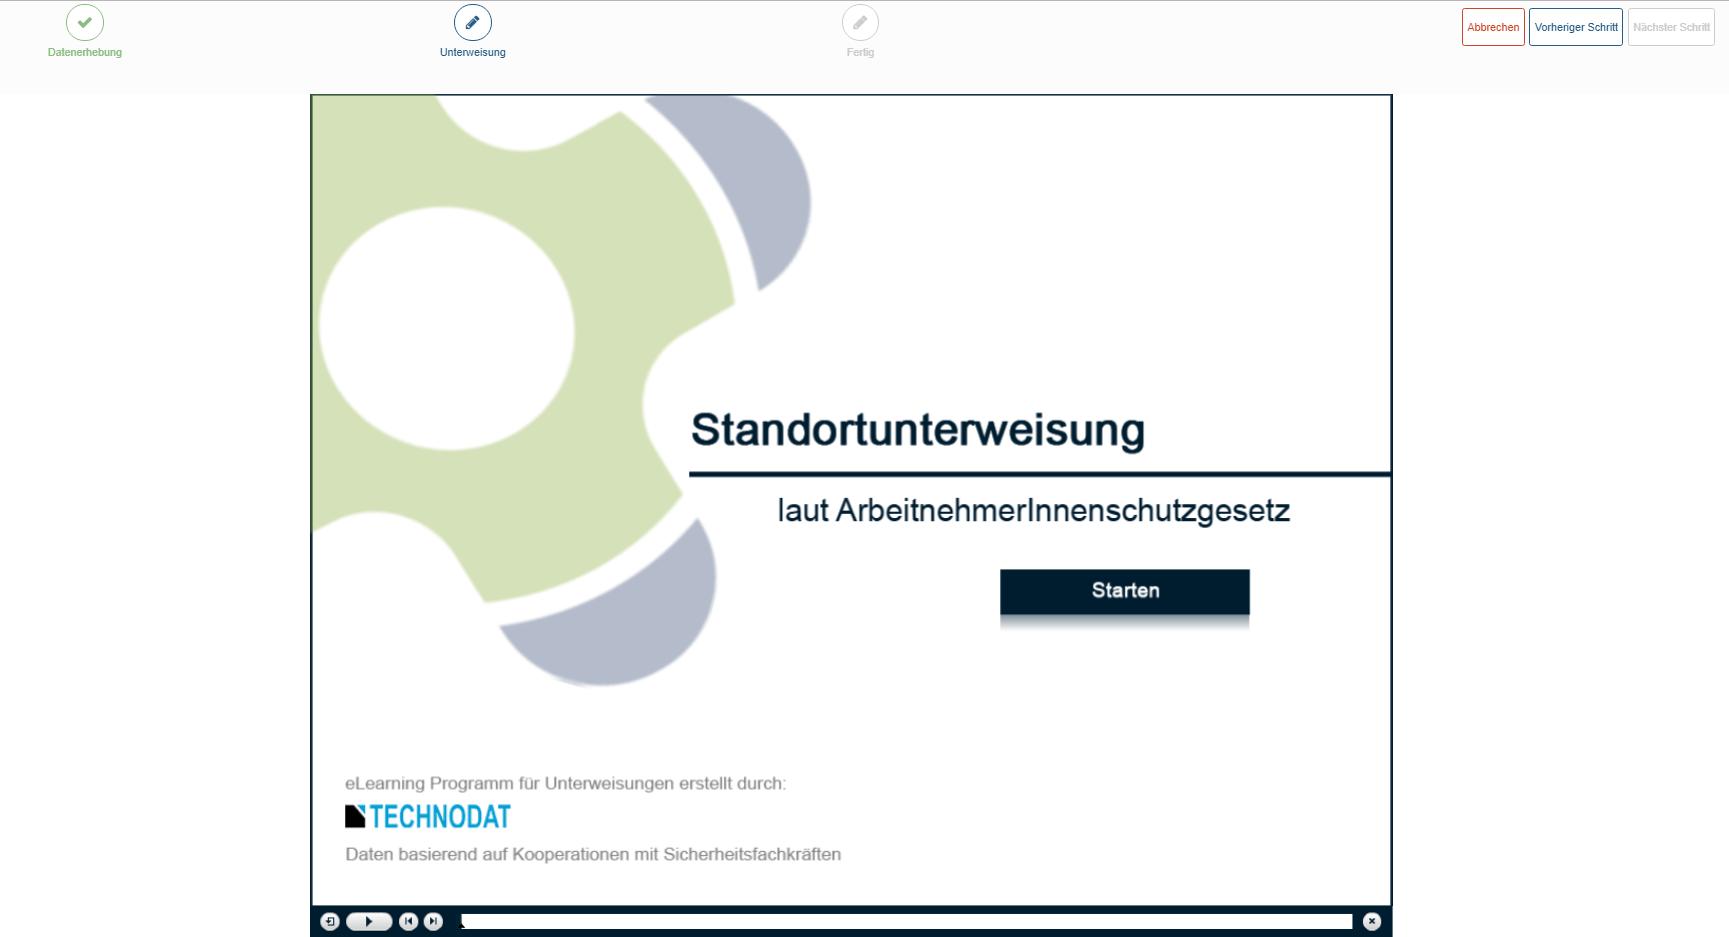 syneris_Besuchermanagement_Unterweisung_Web